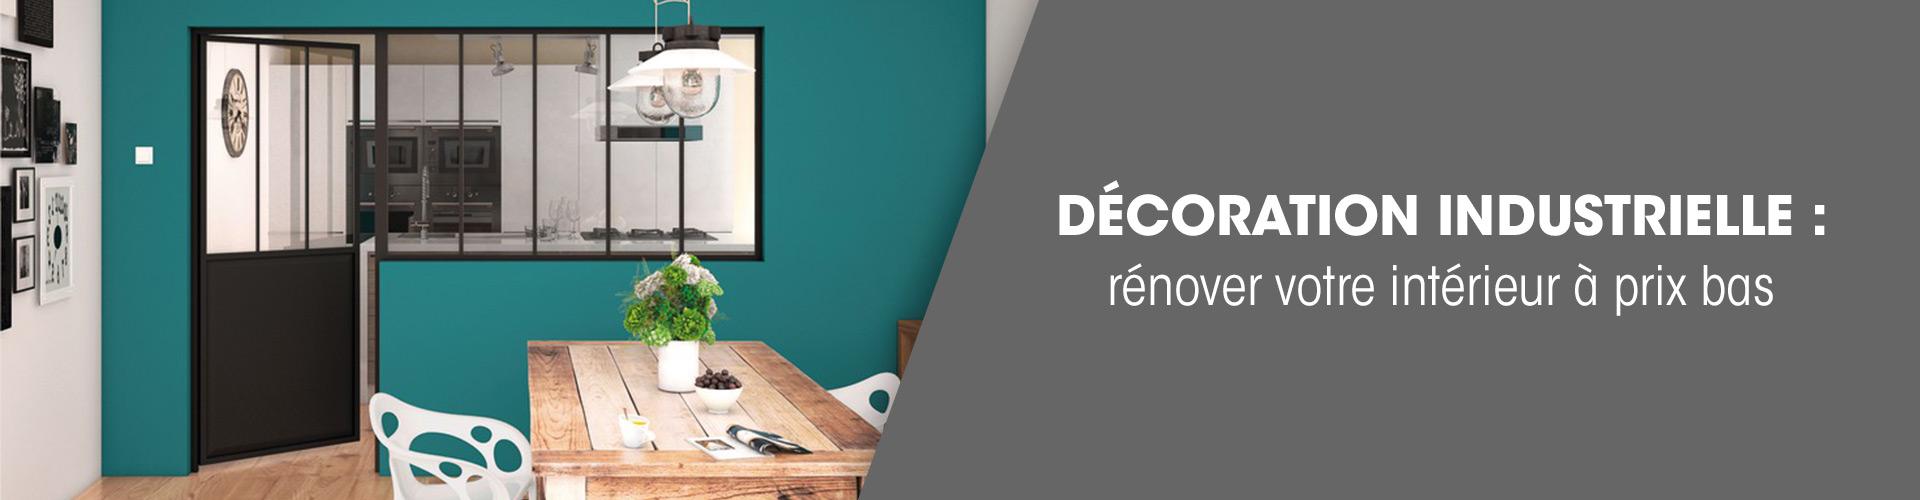 Décoration industrielle : rénover votre intérieur à prix bas